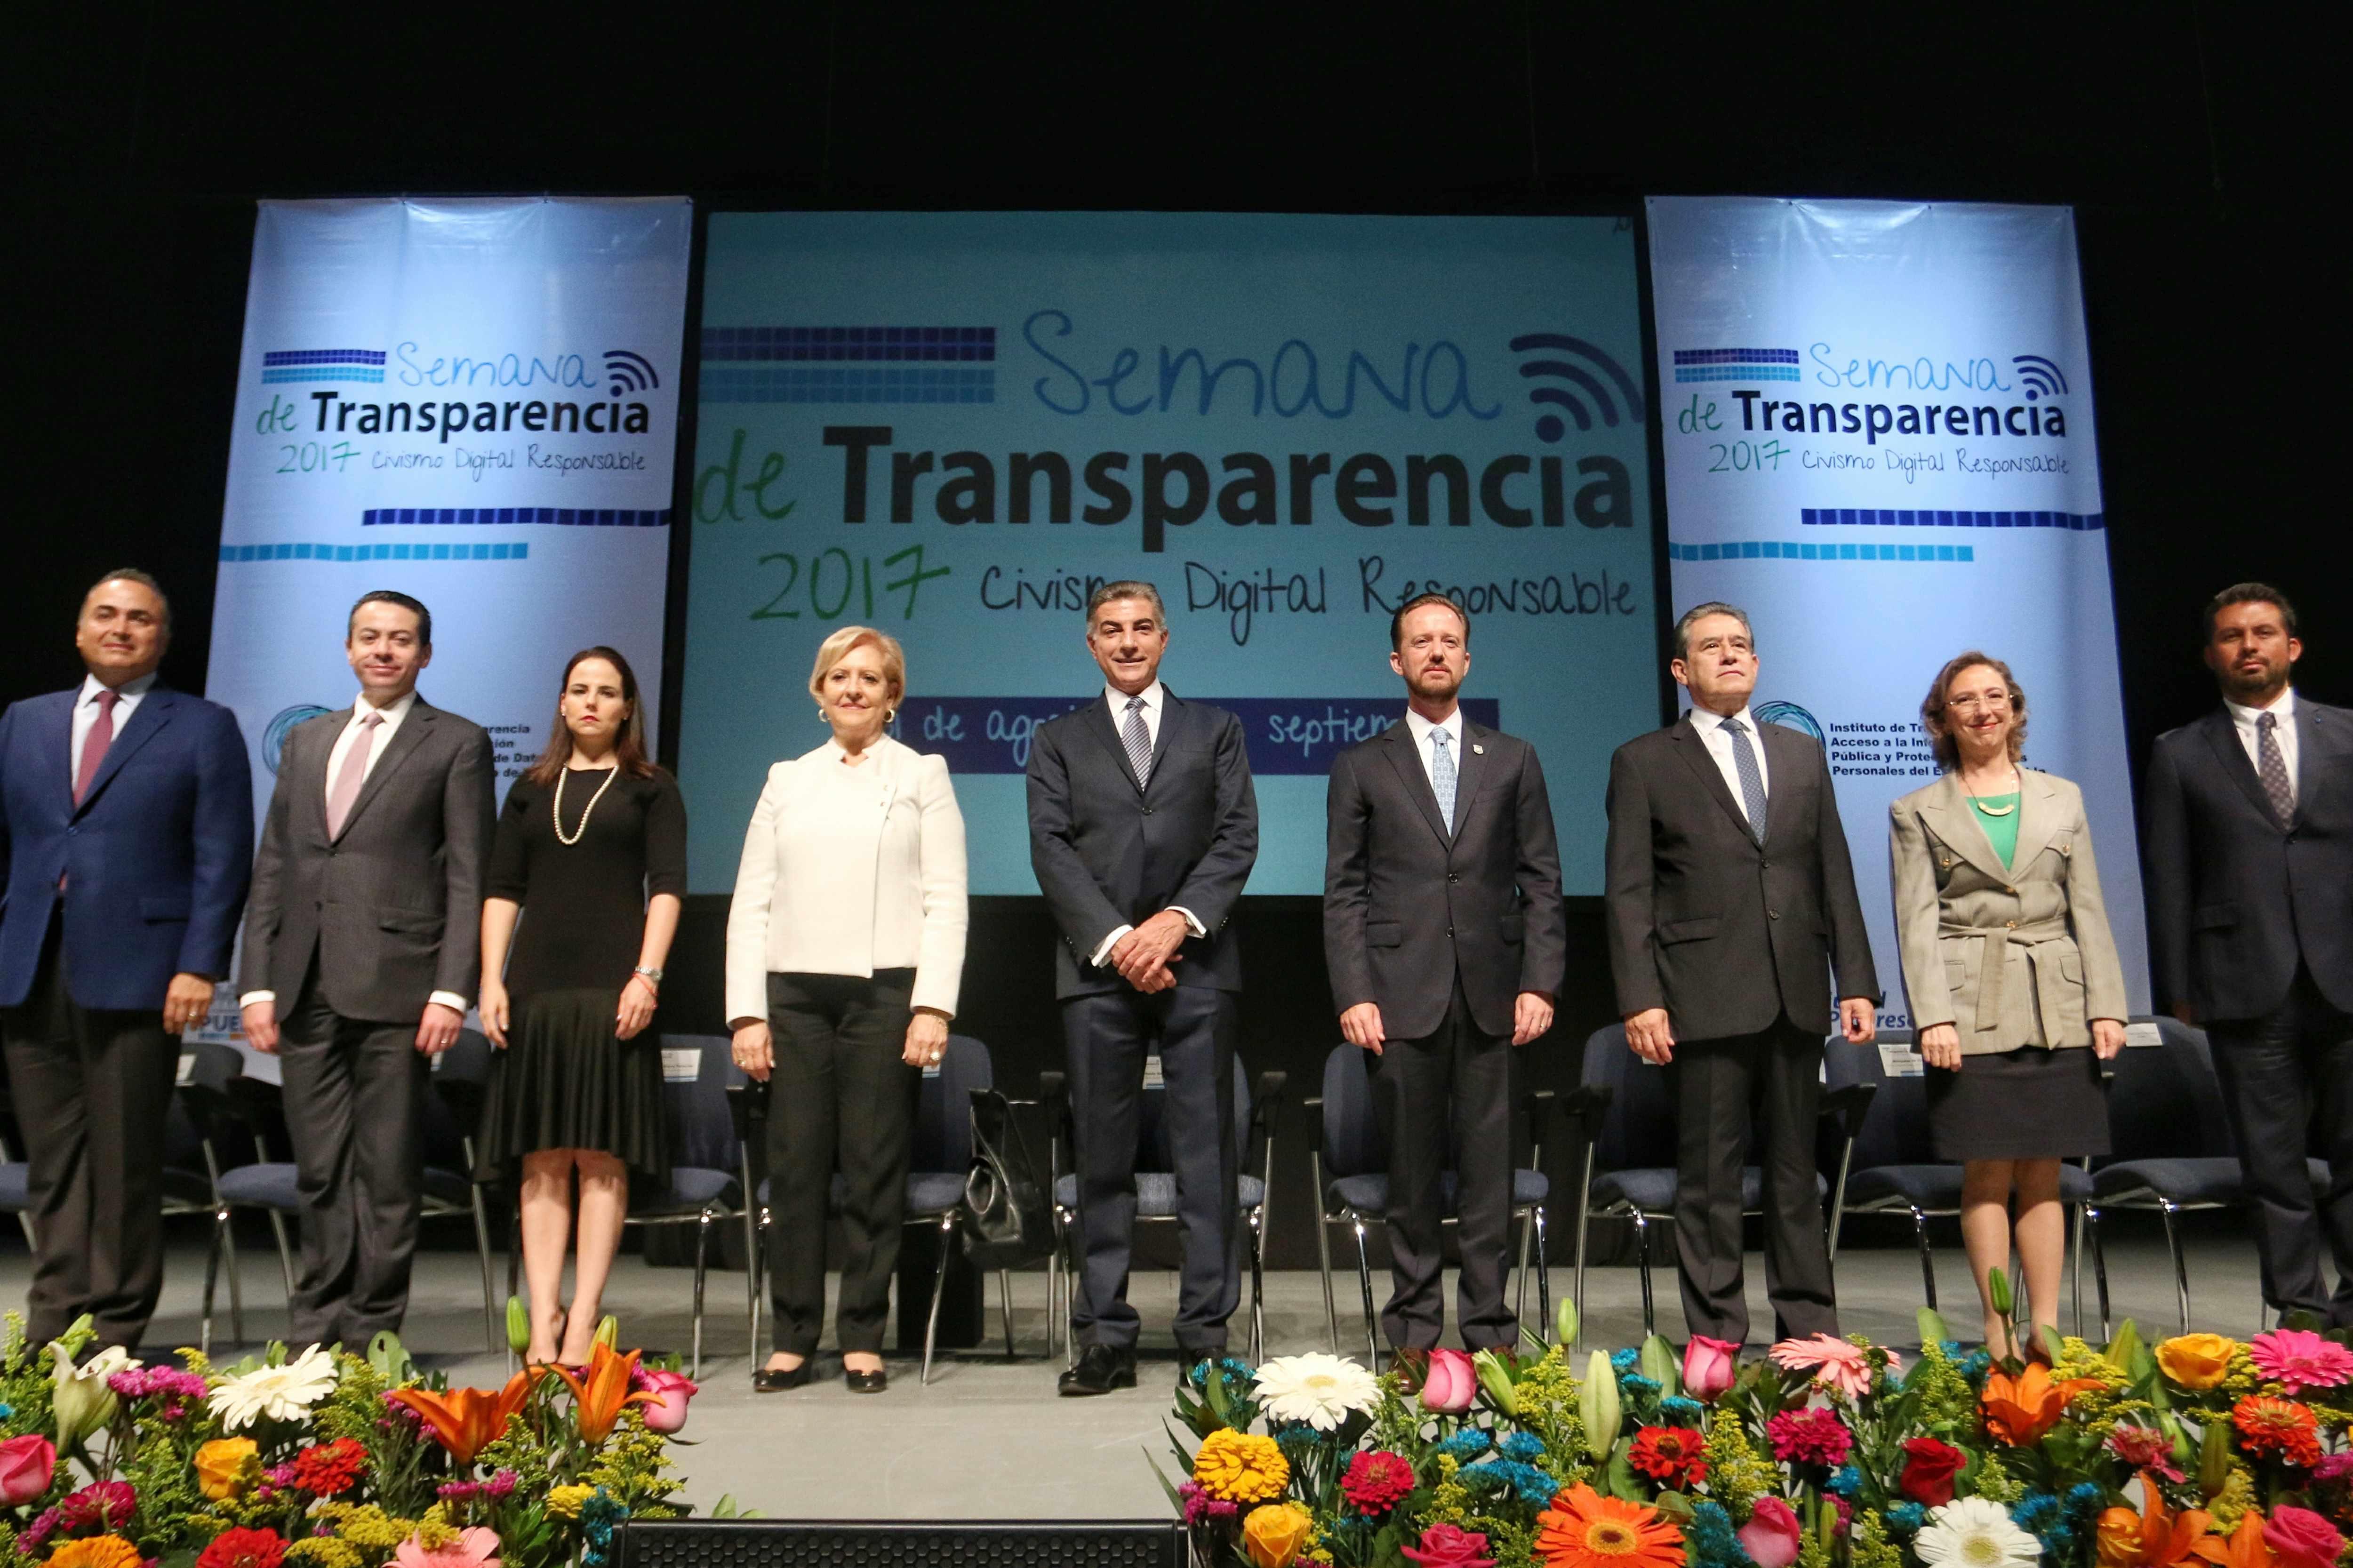 La transparencia, camino contra corrupción e impunidad: Gali